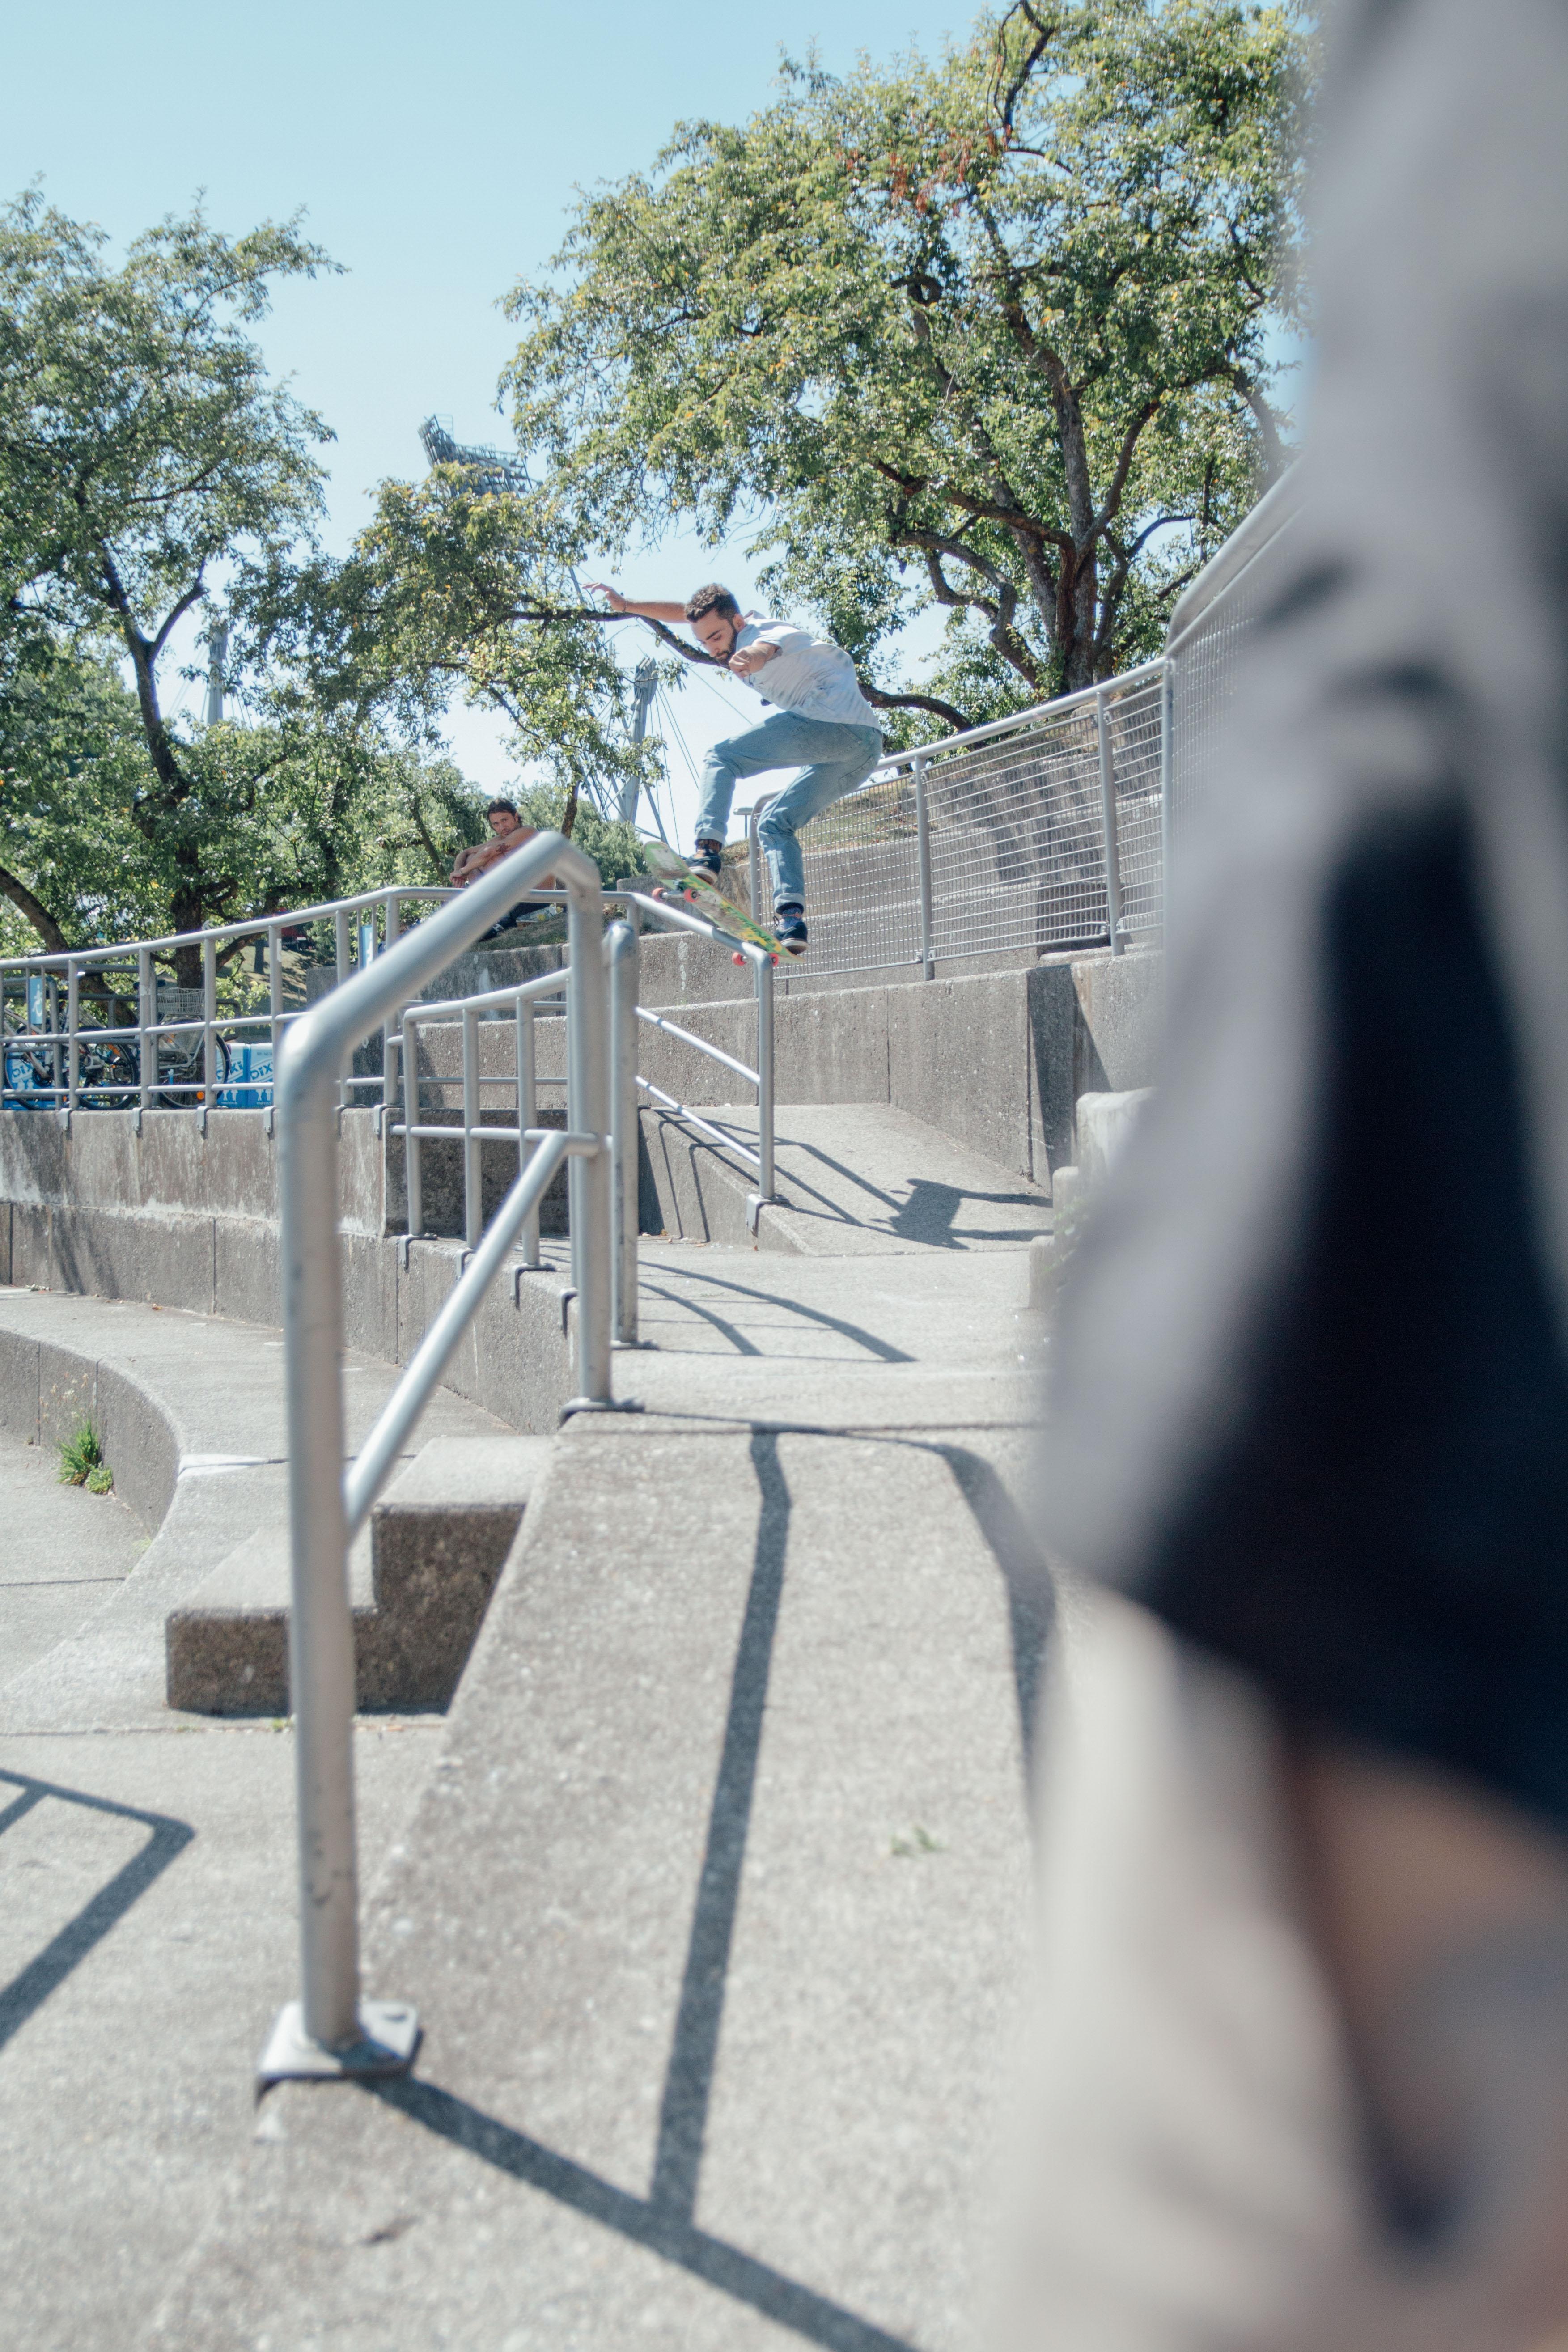 Skate Trick Frontside Boardslide